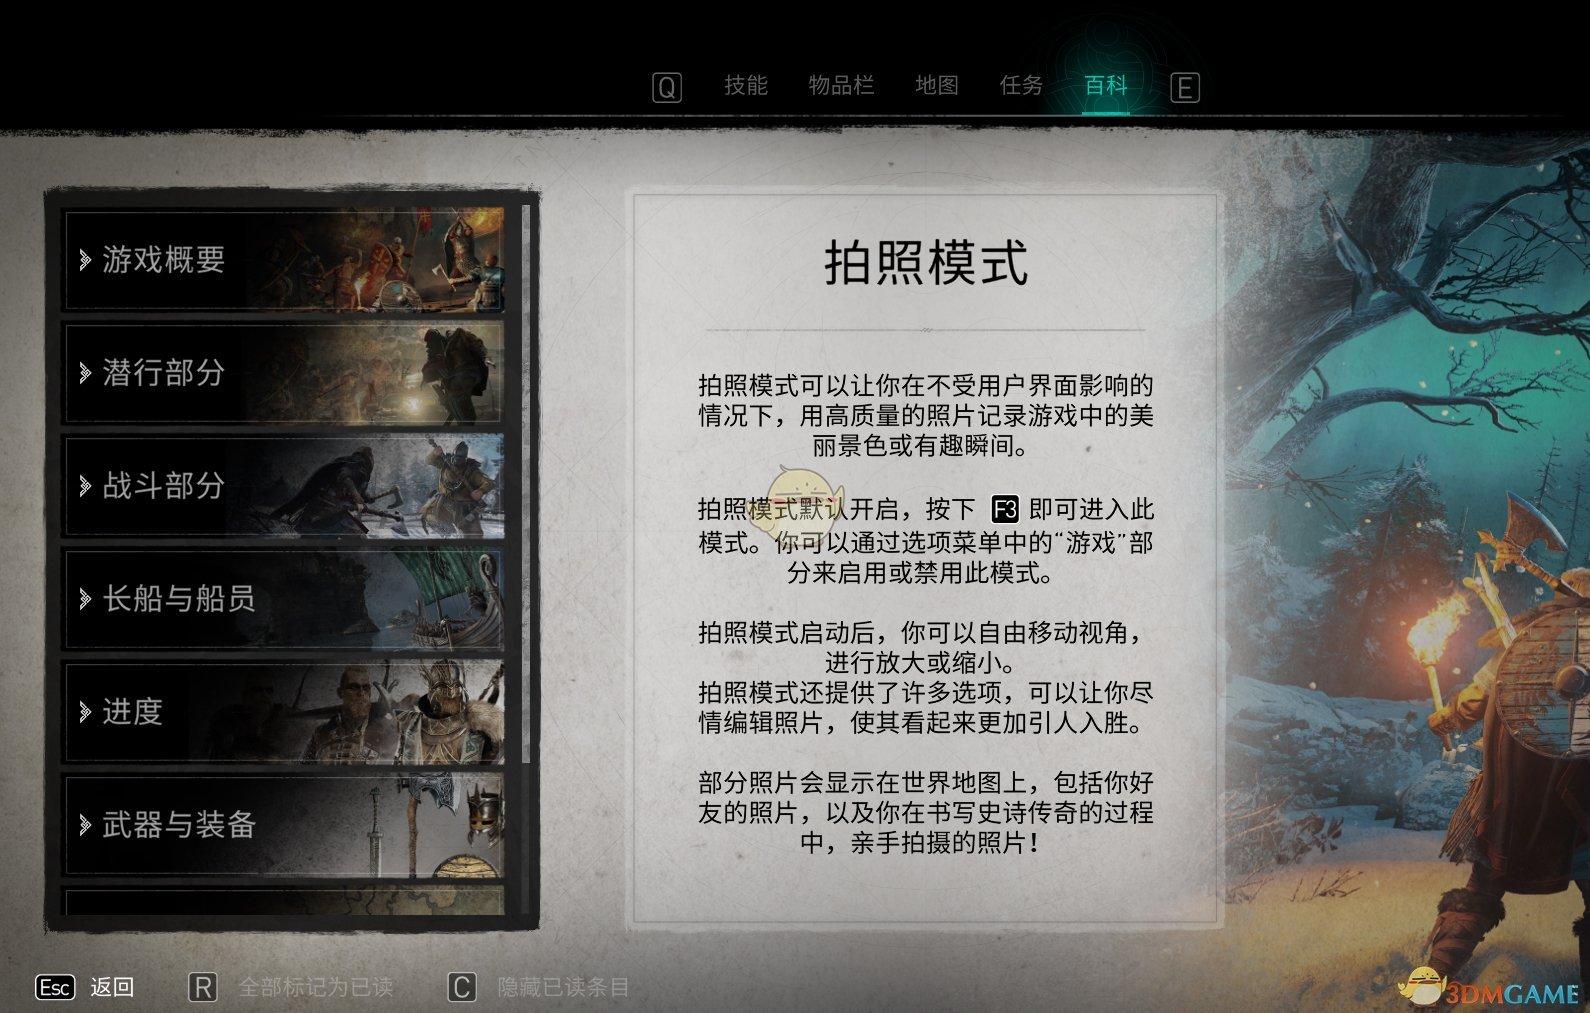 《刺客信条:英灵殿》拍照模式详细介绍